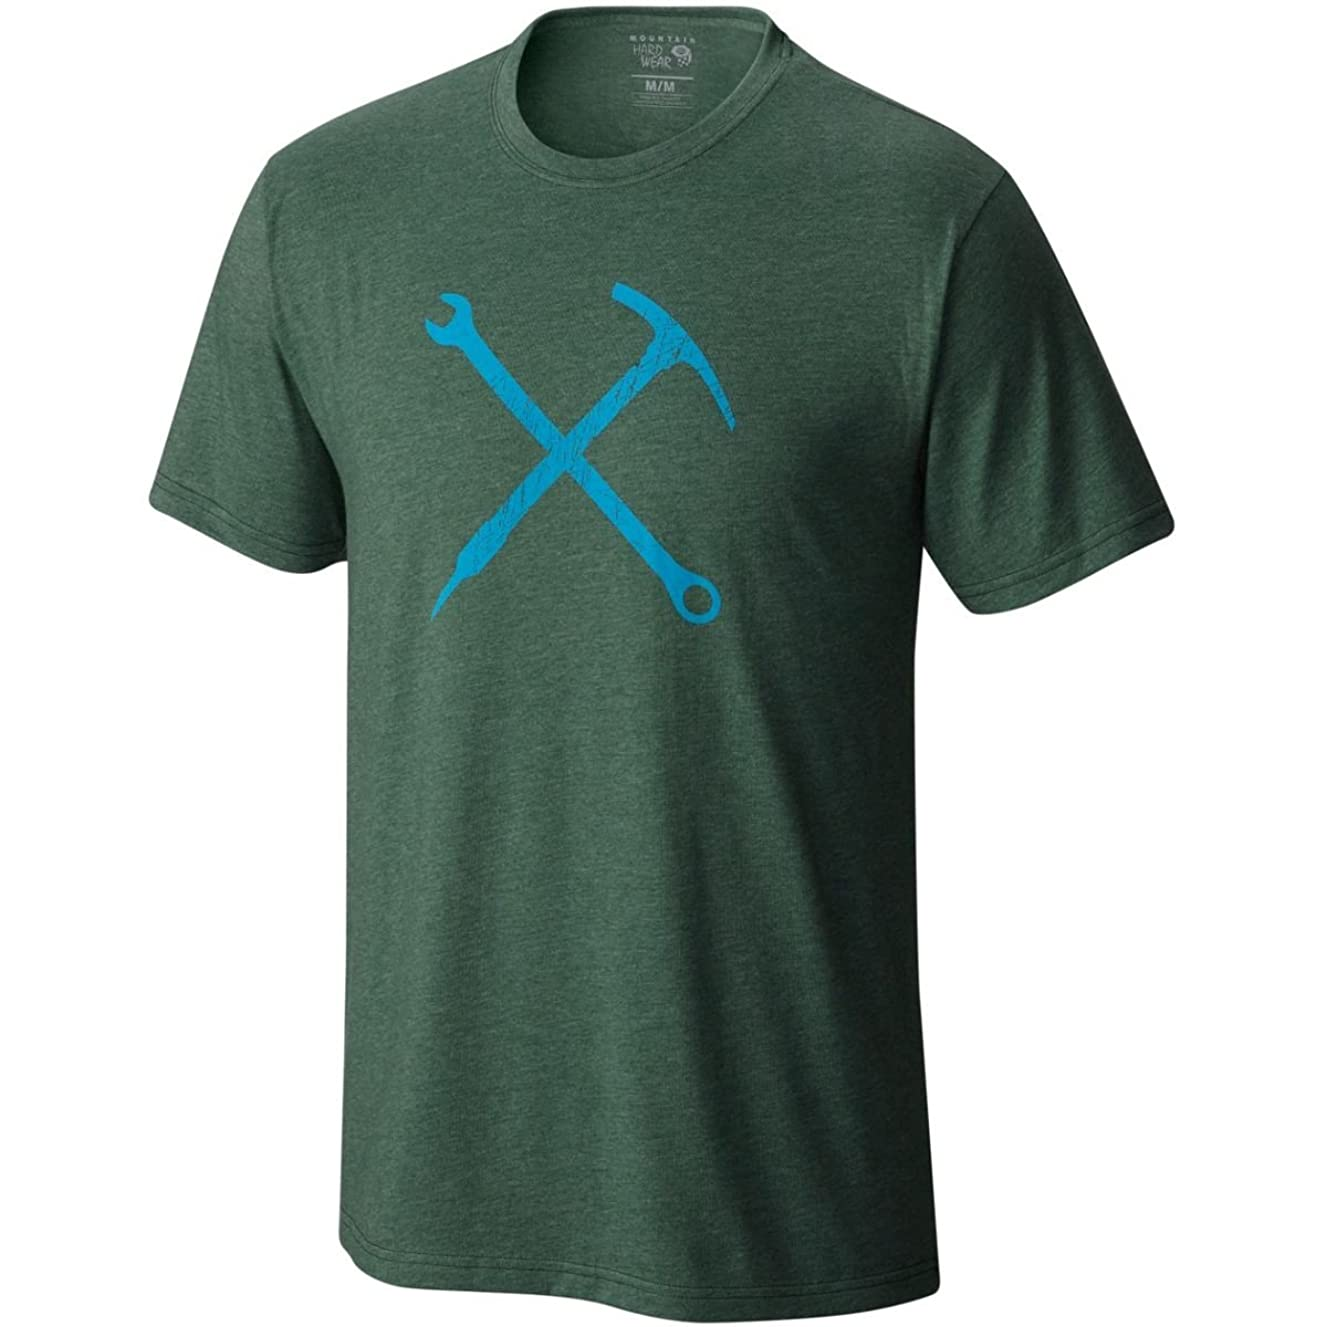 Mountain Hardwear Men's Mountain Mechanic Short Sleeve T-Shirt